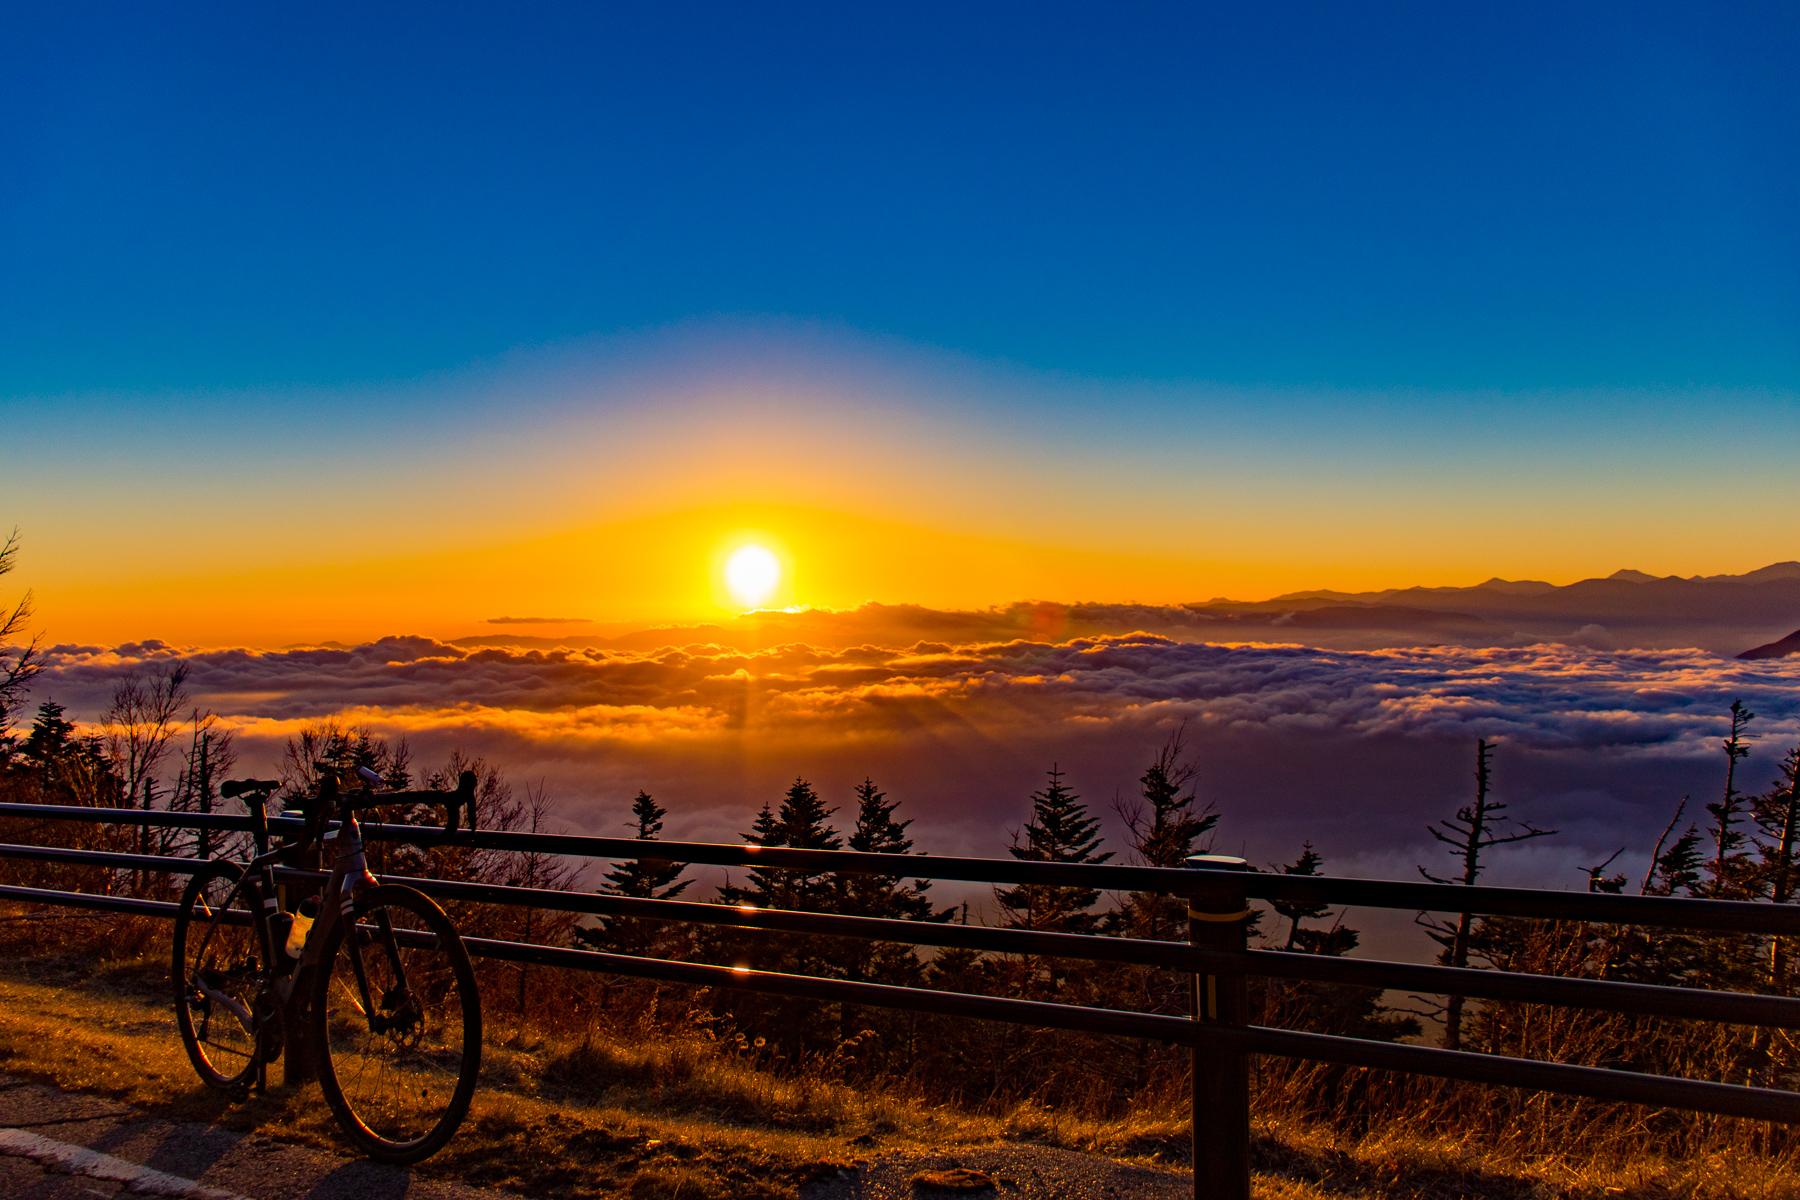 そうだ 富士山、行こう。季節外れの富士ヒルクライムでボントレガー秋冬アパレルの実力をチェック!!